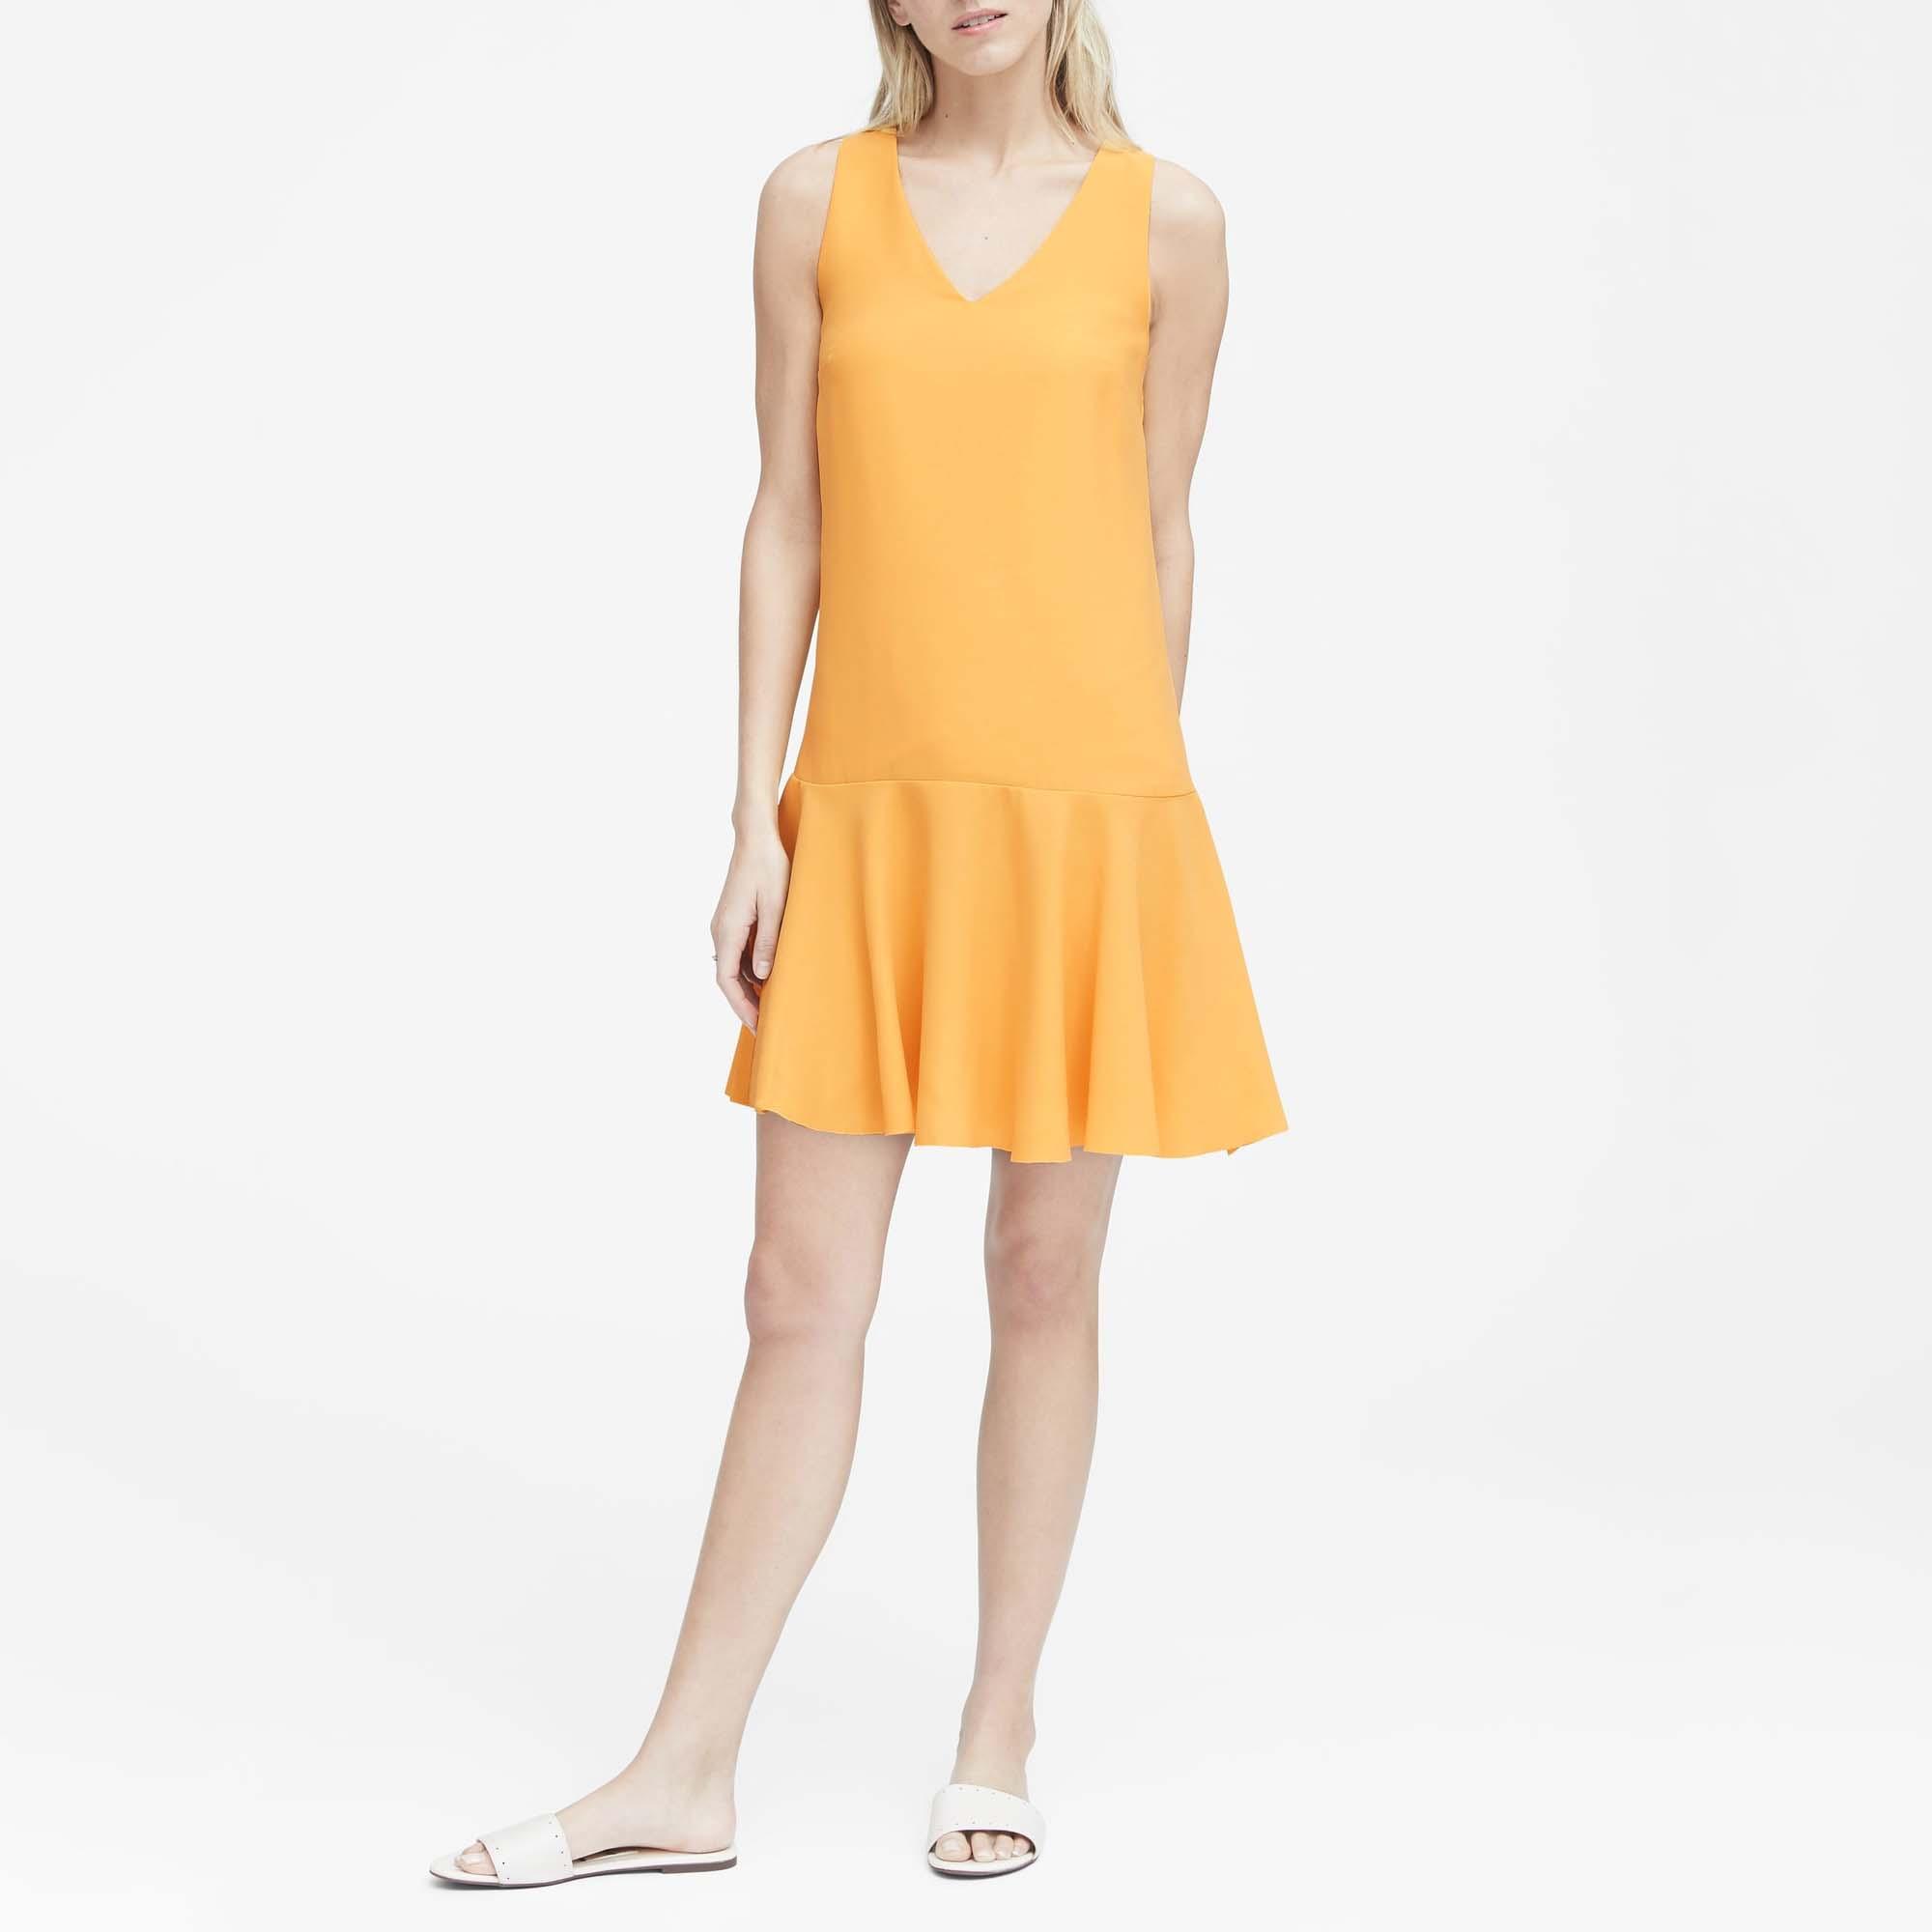 바나나리퍼블릭 여성 드롭 웨이스트 시프트 드레스